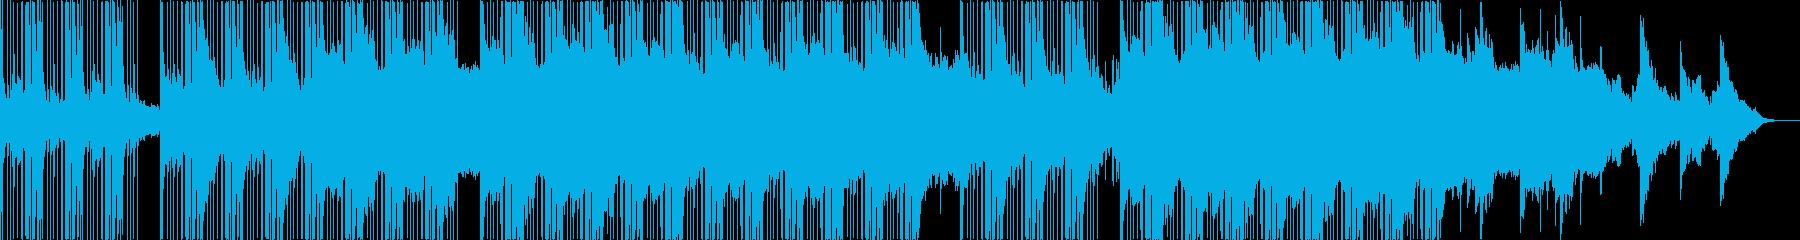 みずたま模様の再生済みの波形